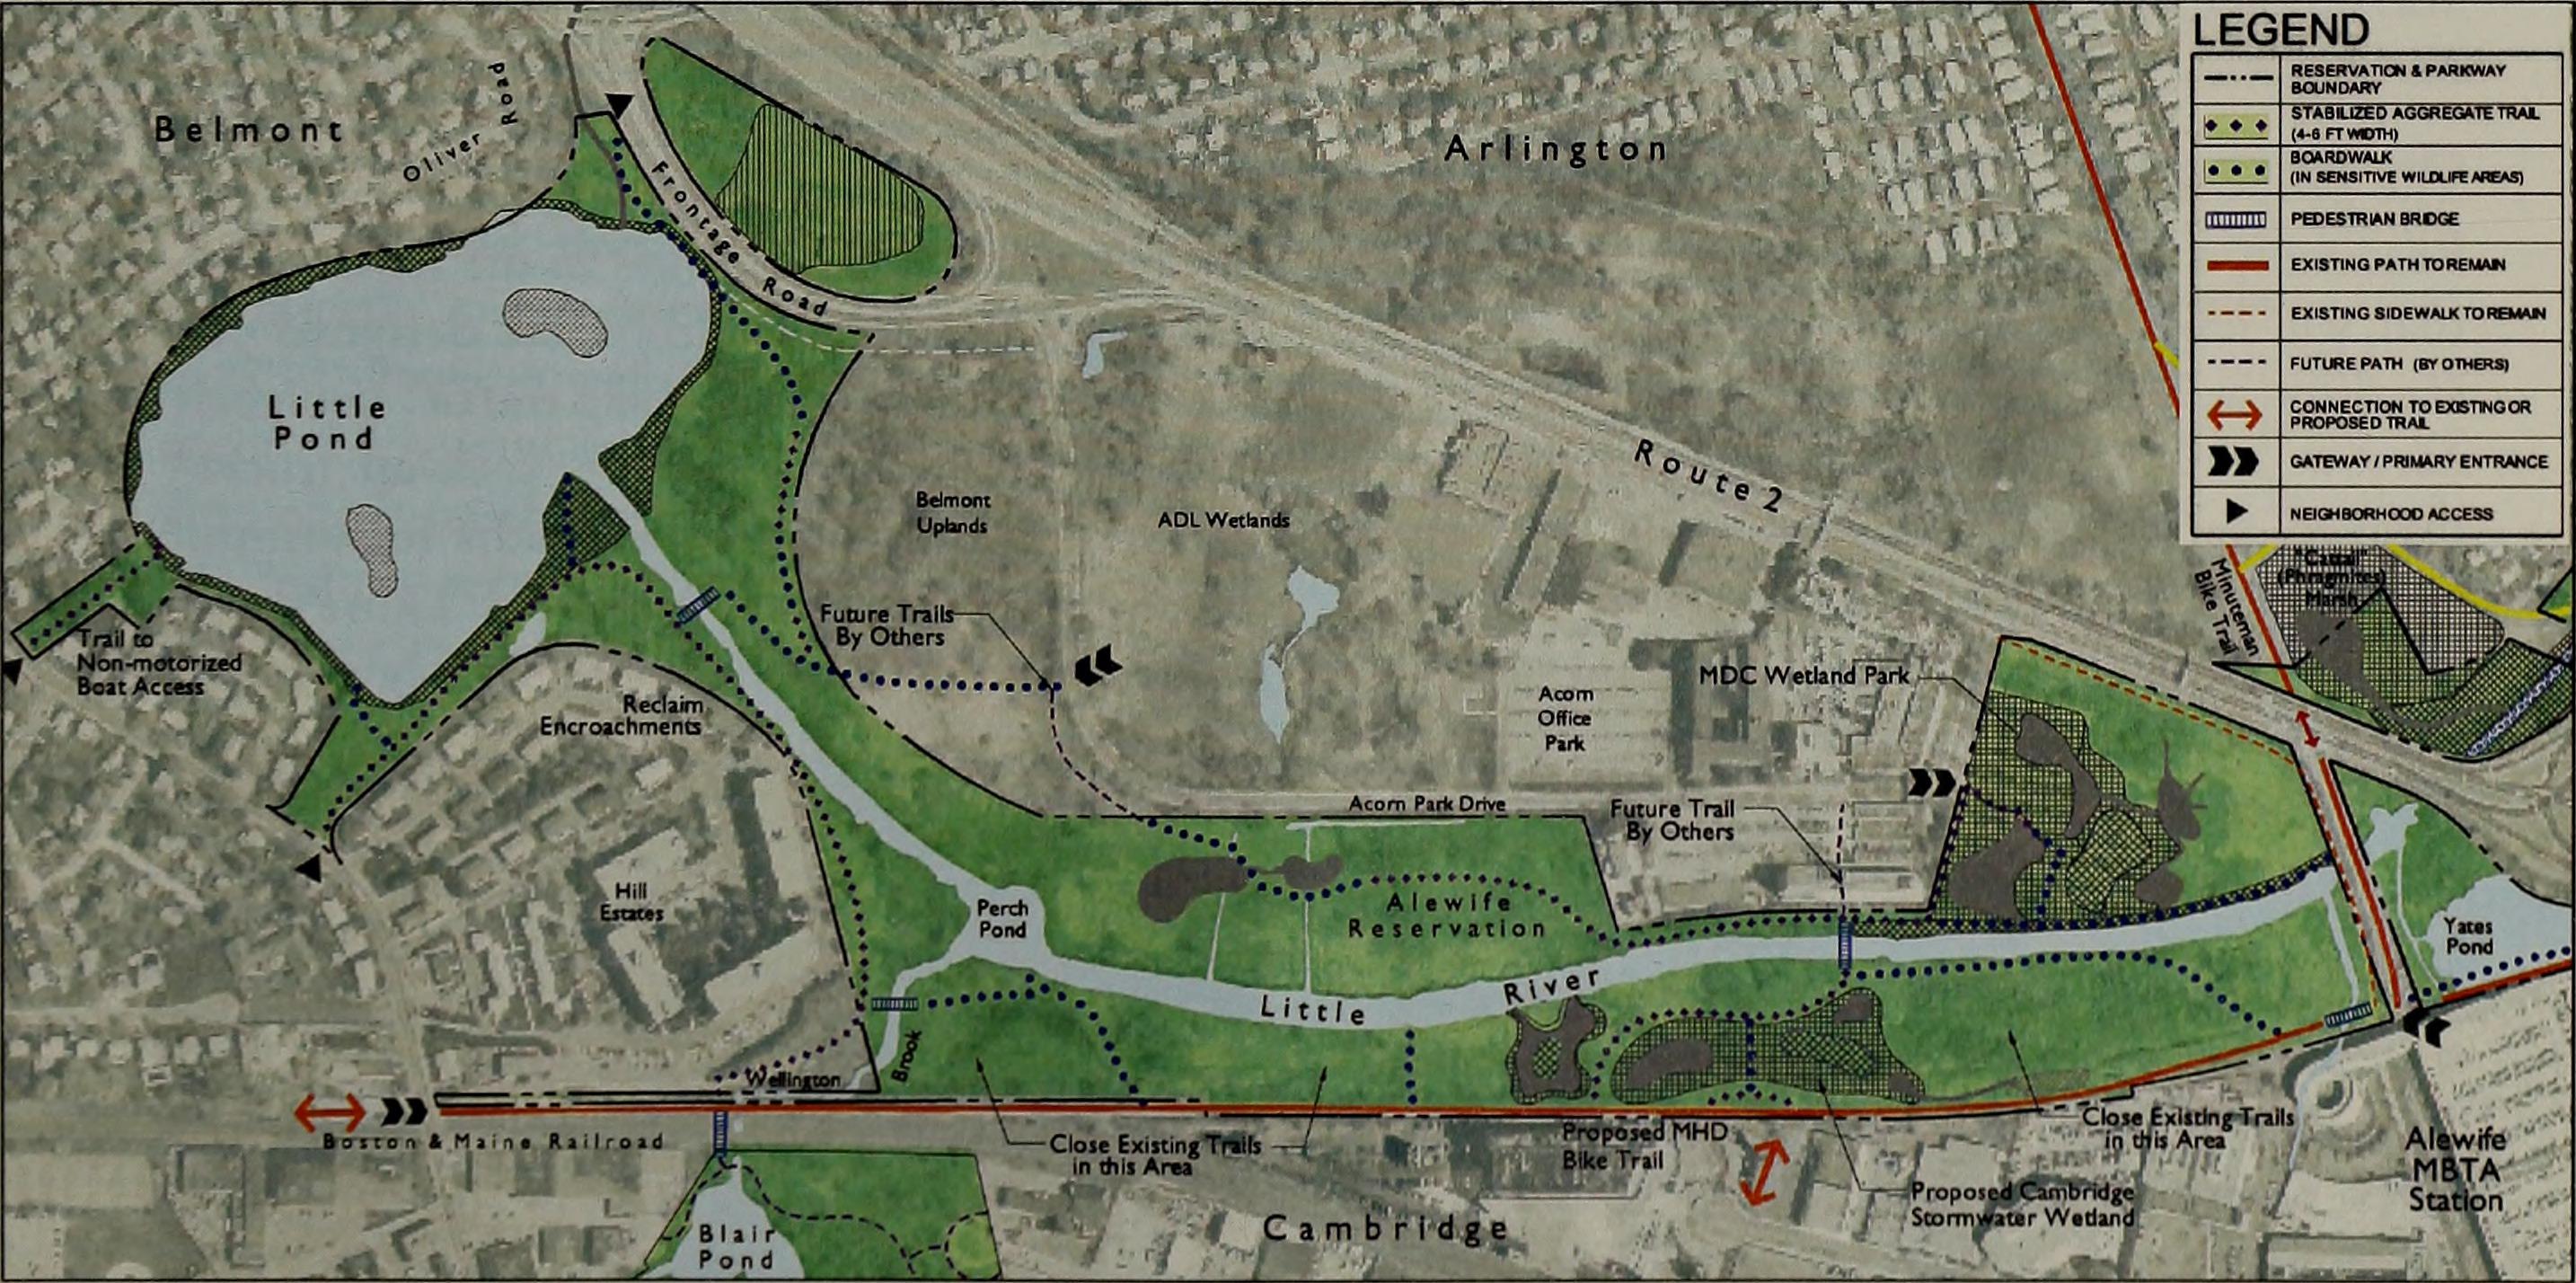 2003 Master Plan Brook Master Plan 2003